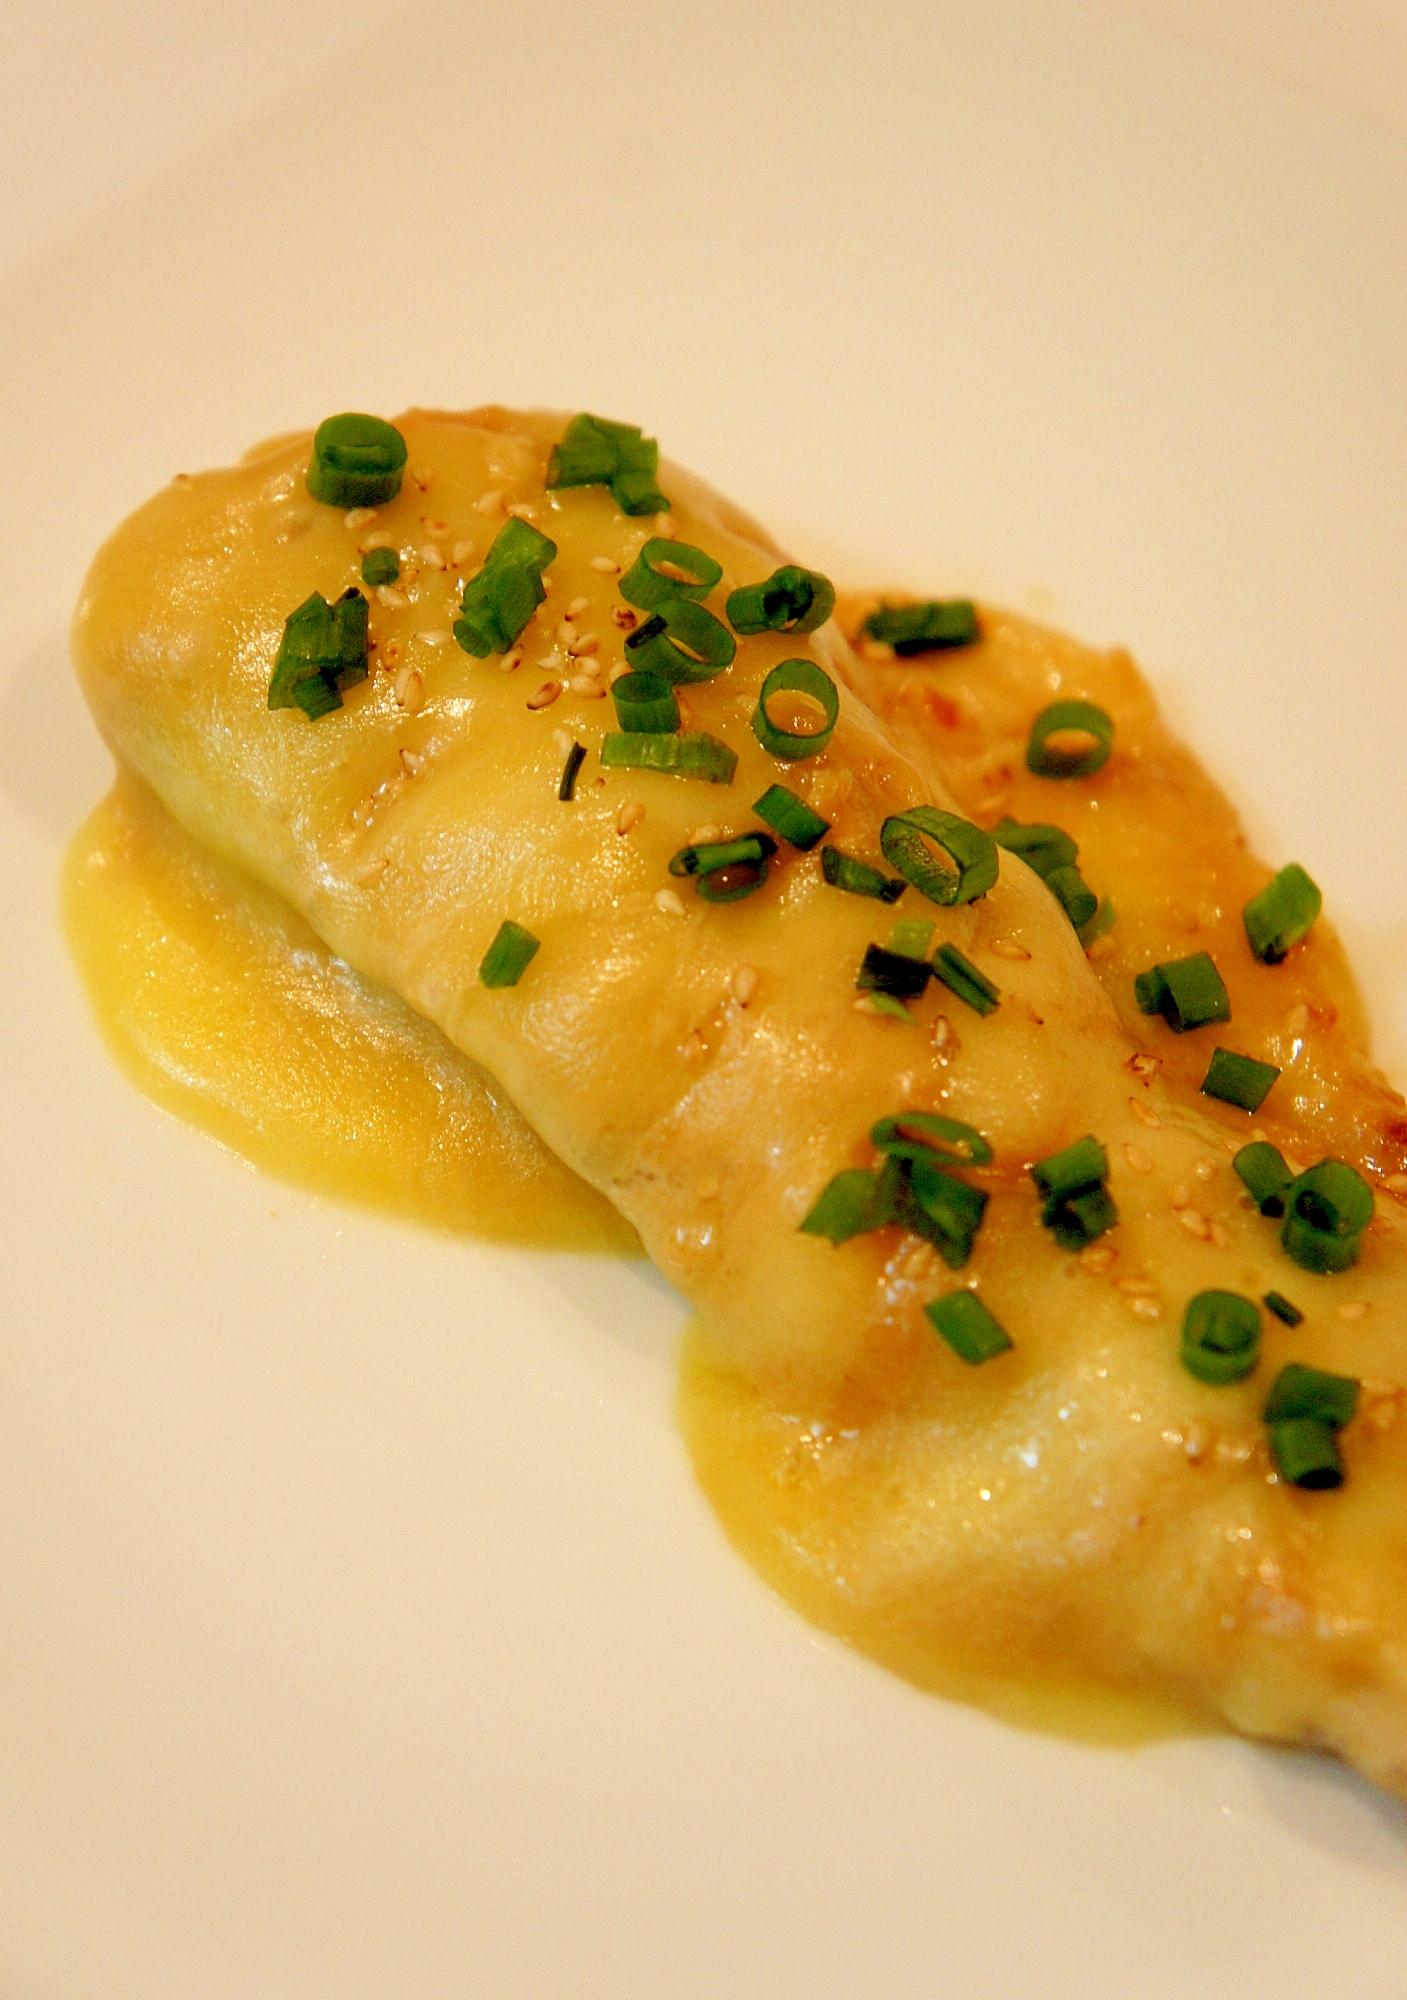 フライパンで♪真鱈のゴマ味噌チーズ焼き レシピ・作り方 by すたーびんぐ 楽天レシピ